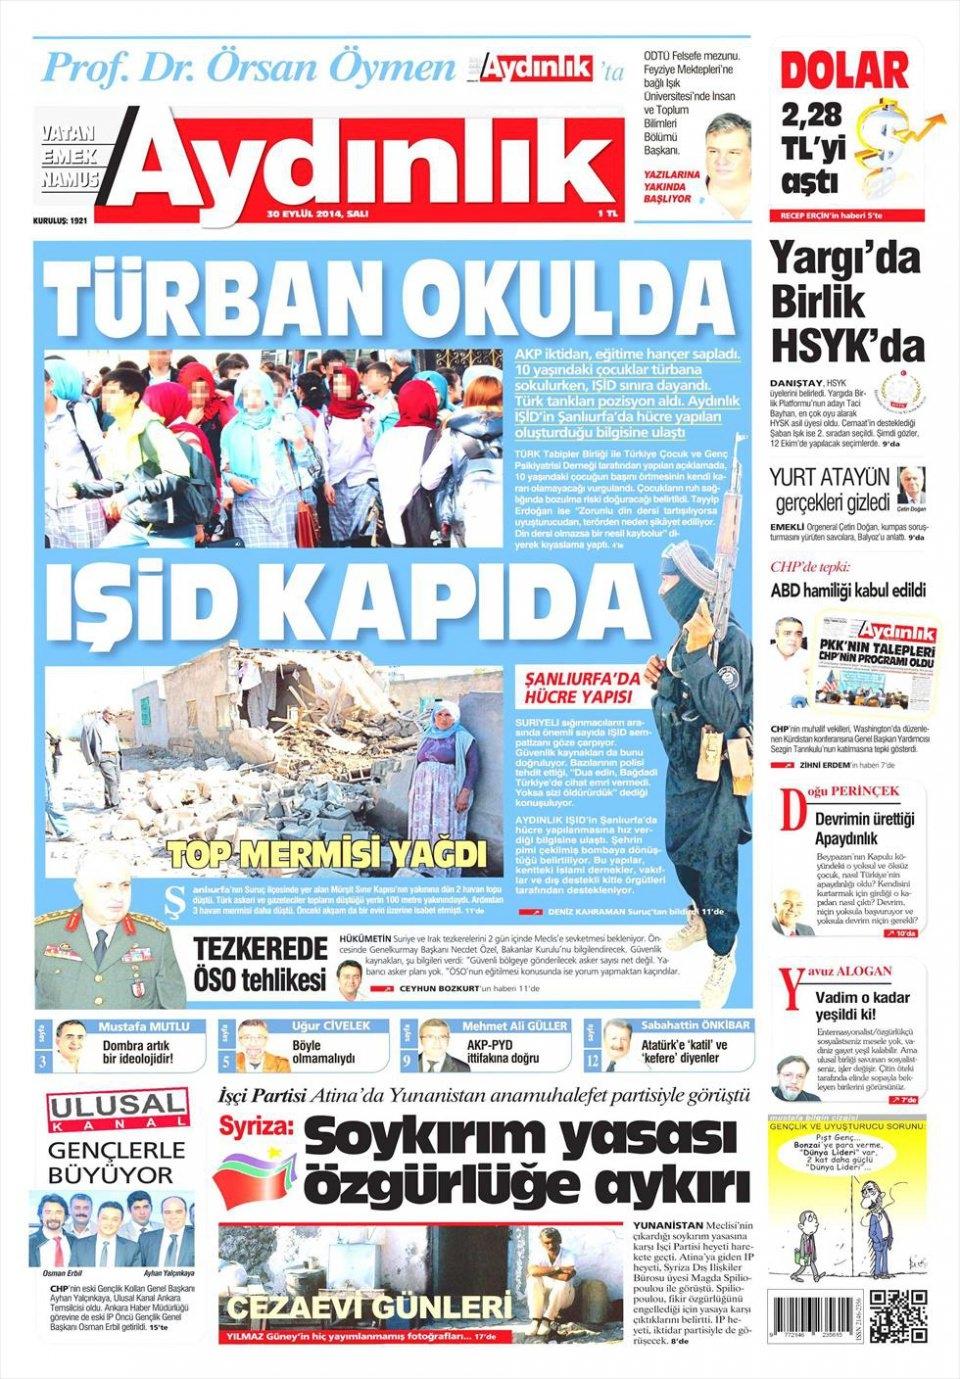 30 Eylül 2014 gazete manşetleri 3